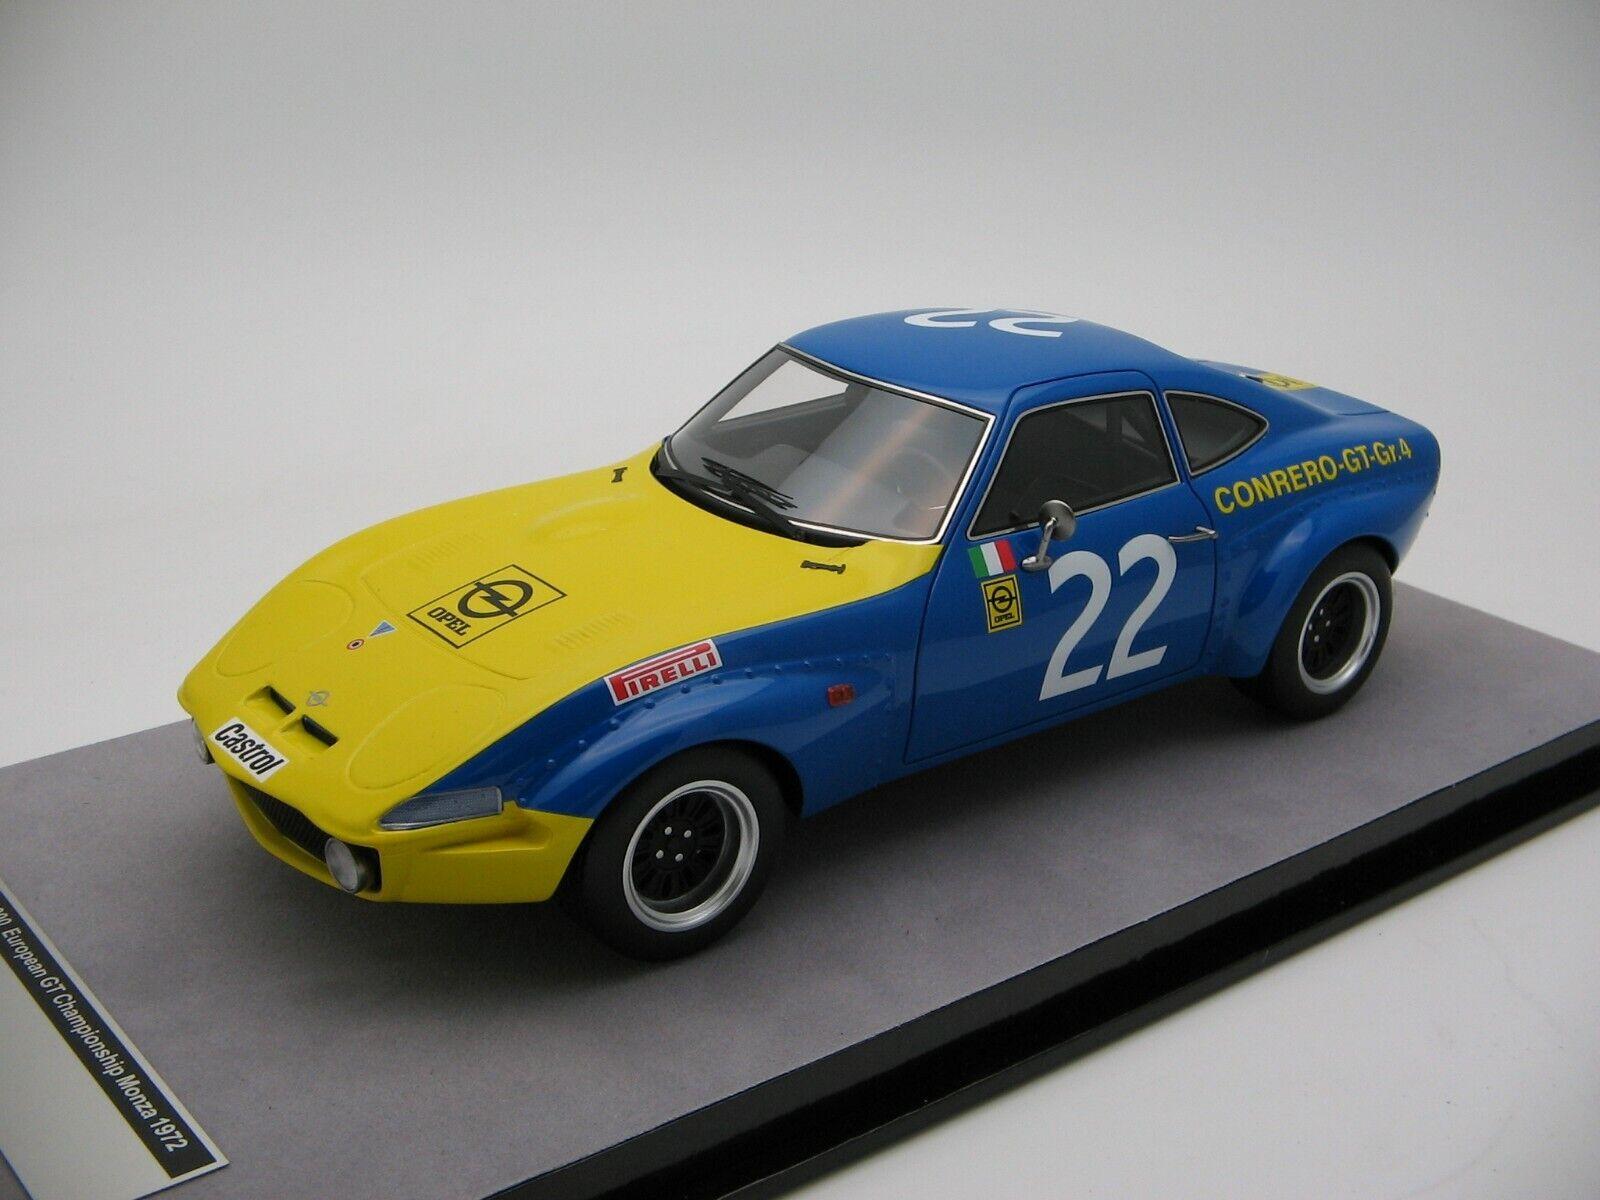 1 18 Scale Tecnomodel Opel Gt 1900 Equipo Conrero Monza 1972 - TM18-133A